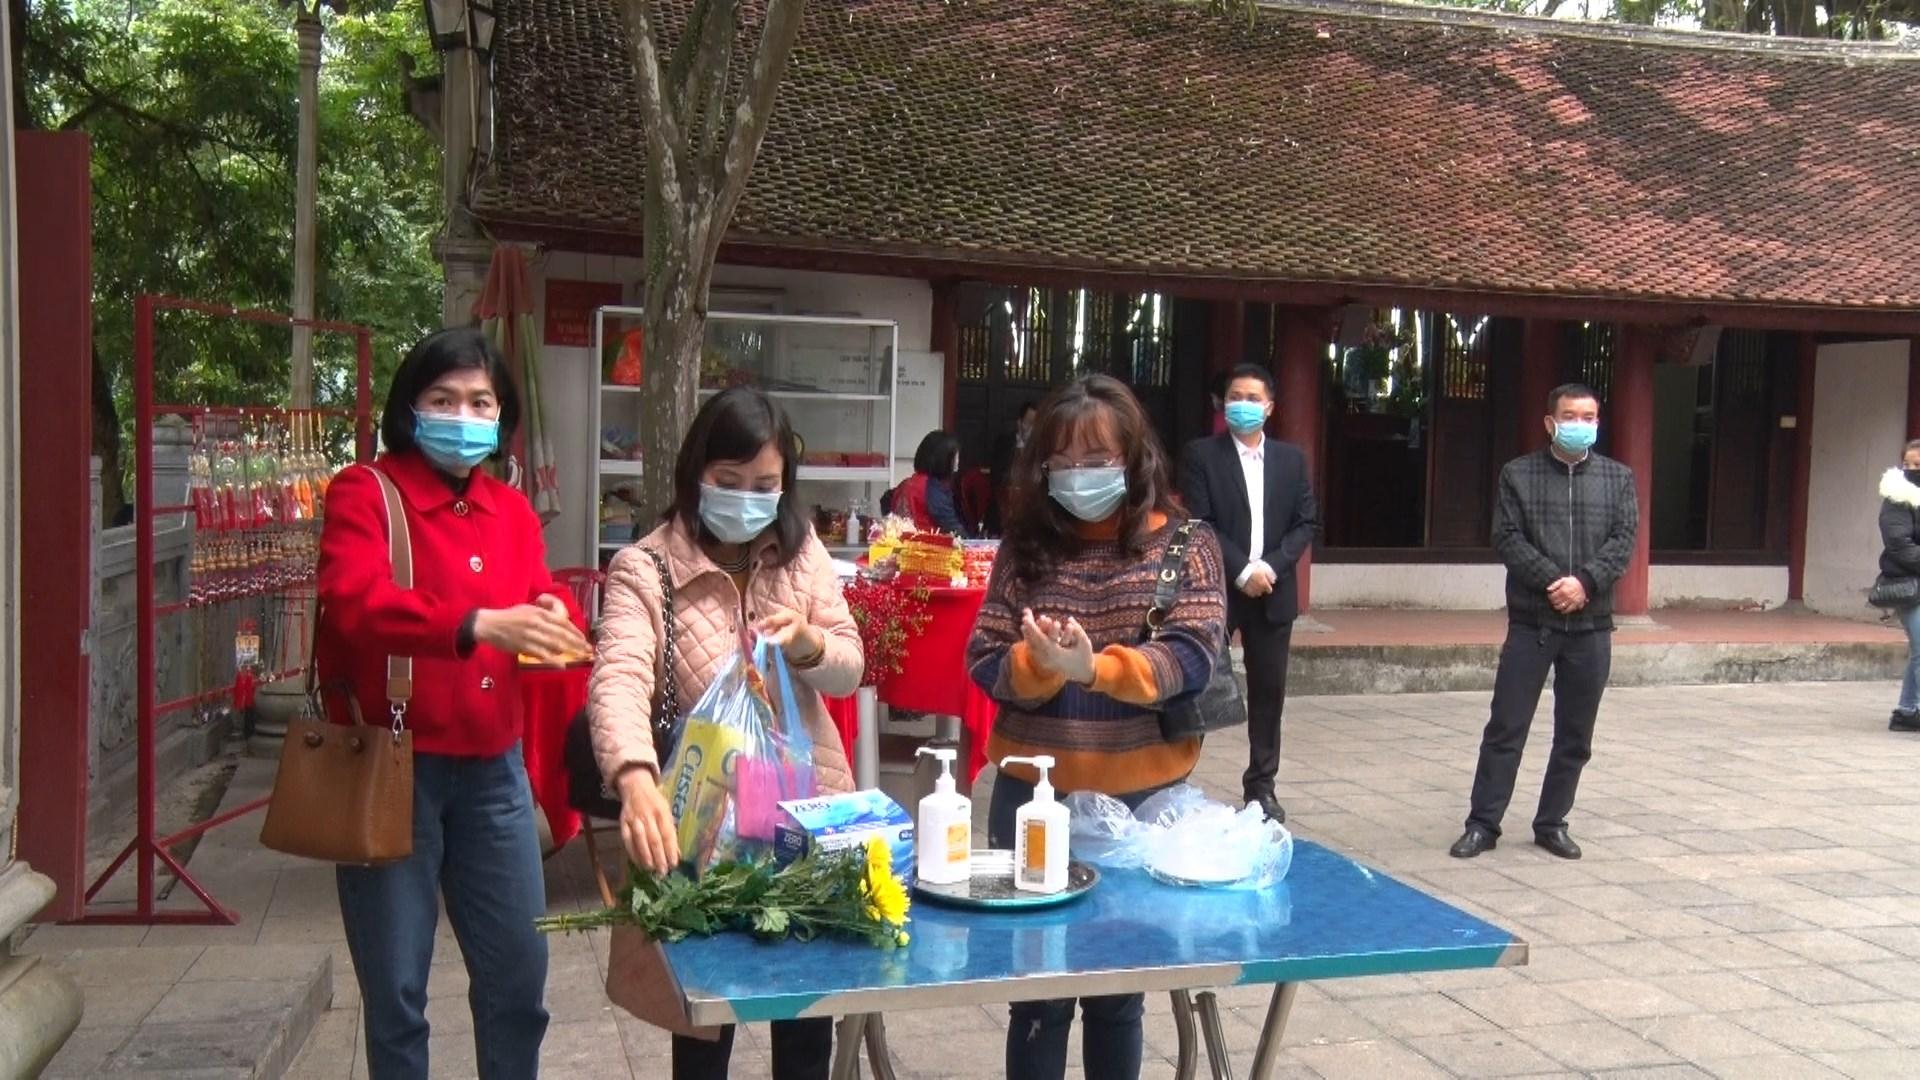 Du khách đều thực hiện rửa tay sát khuẩn trước khi vào hành lễ